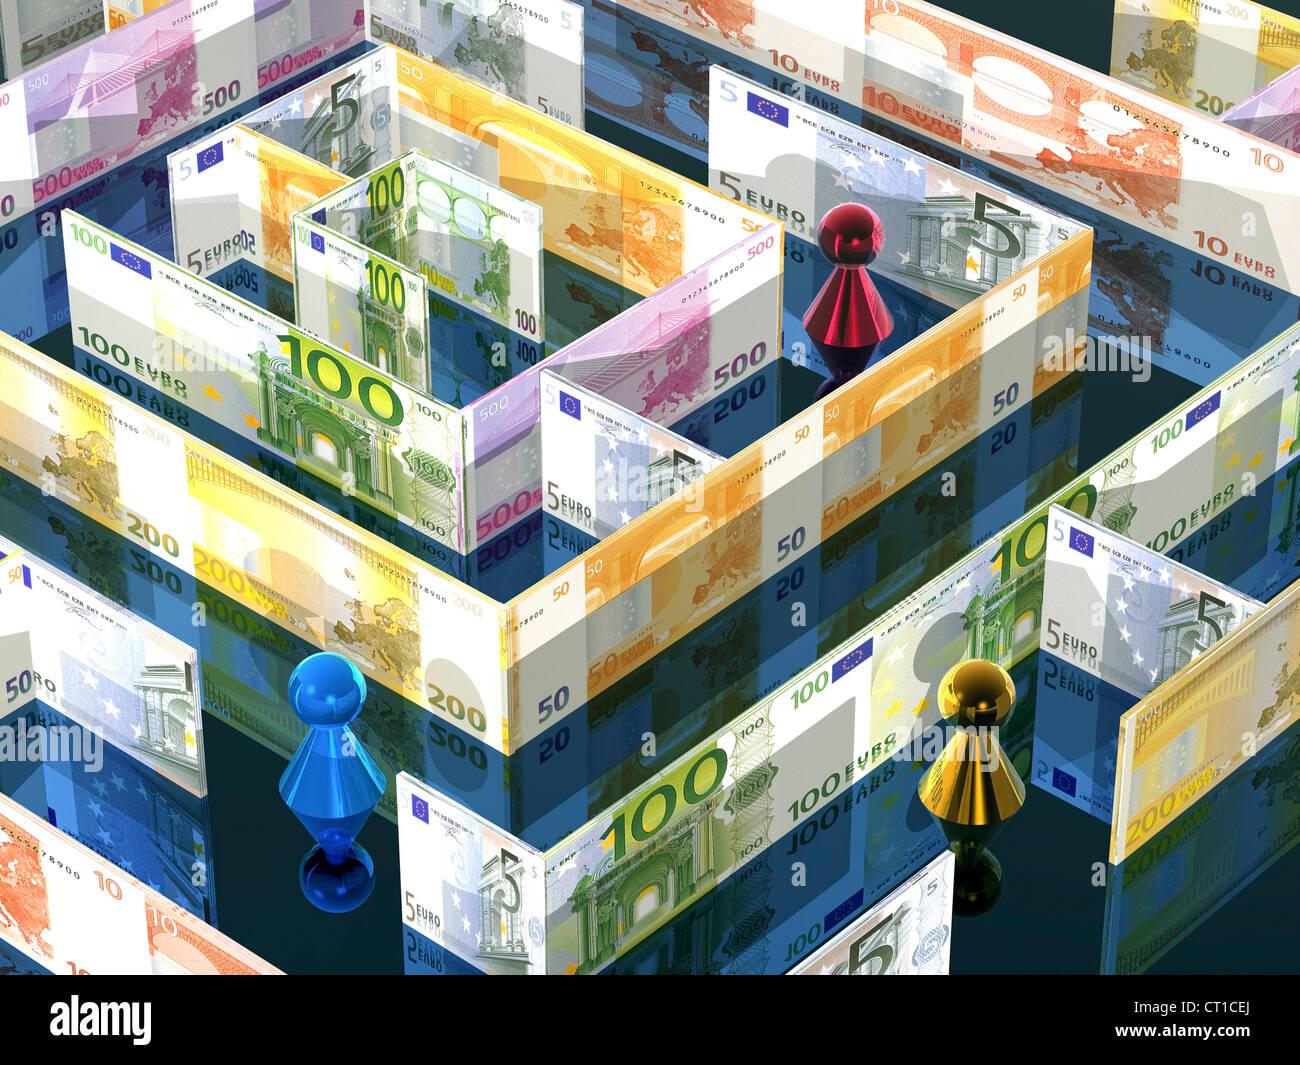 Labyrinth aus Euroscheinen mit Figuren darin - Stock Image